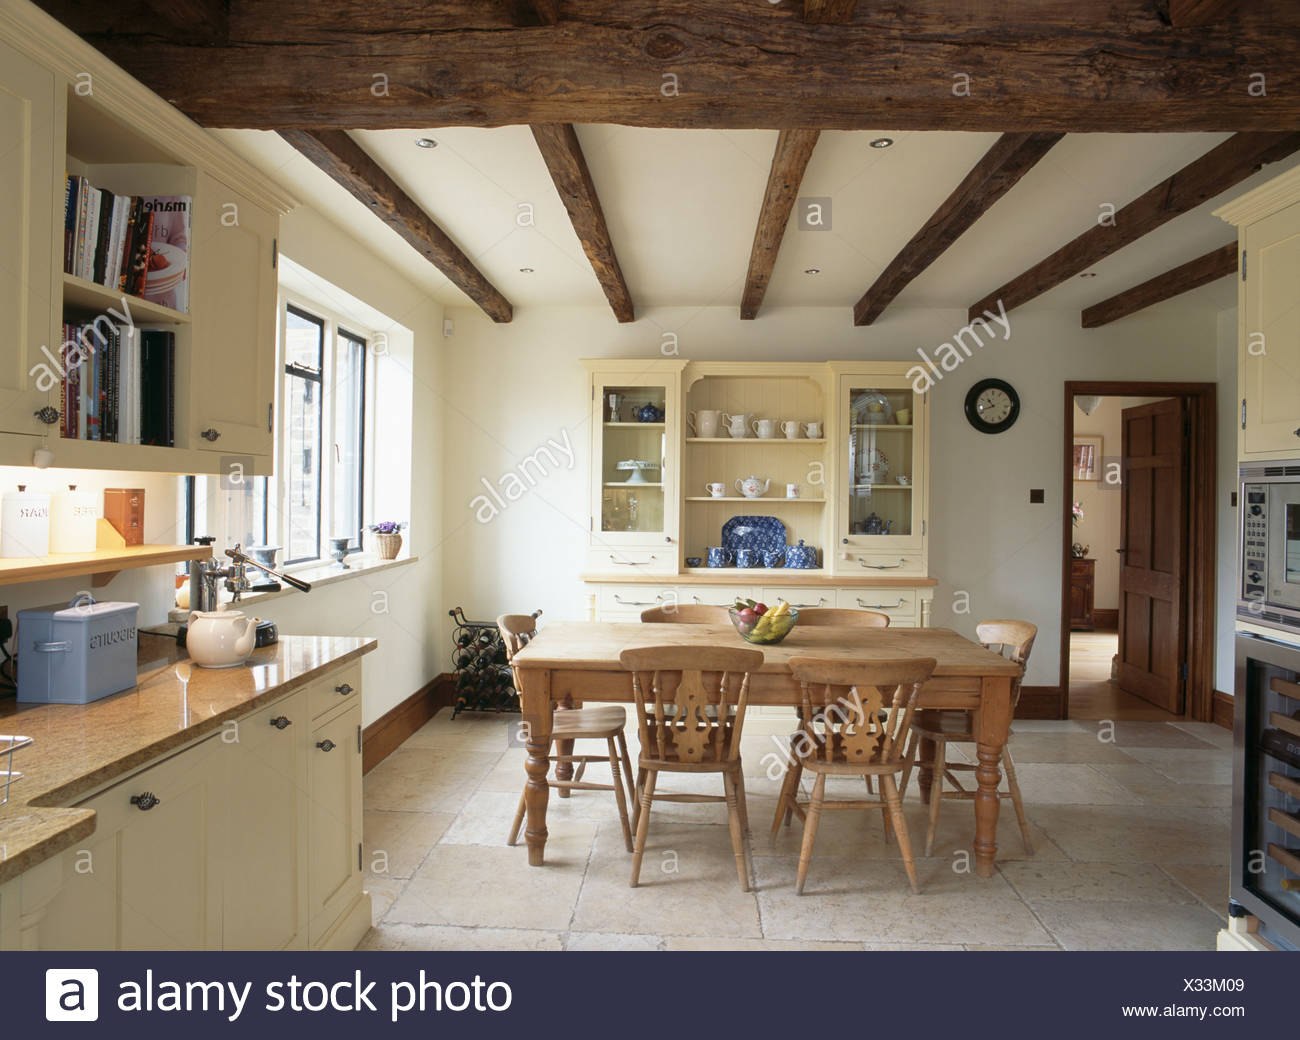 Kalkstein Bodenbelag in Creme Land Küche Esszimmer mit alten Kiefer ...